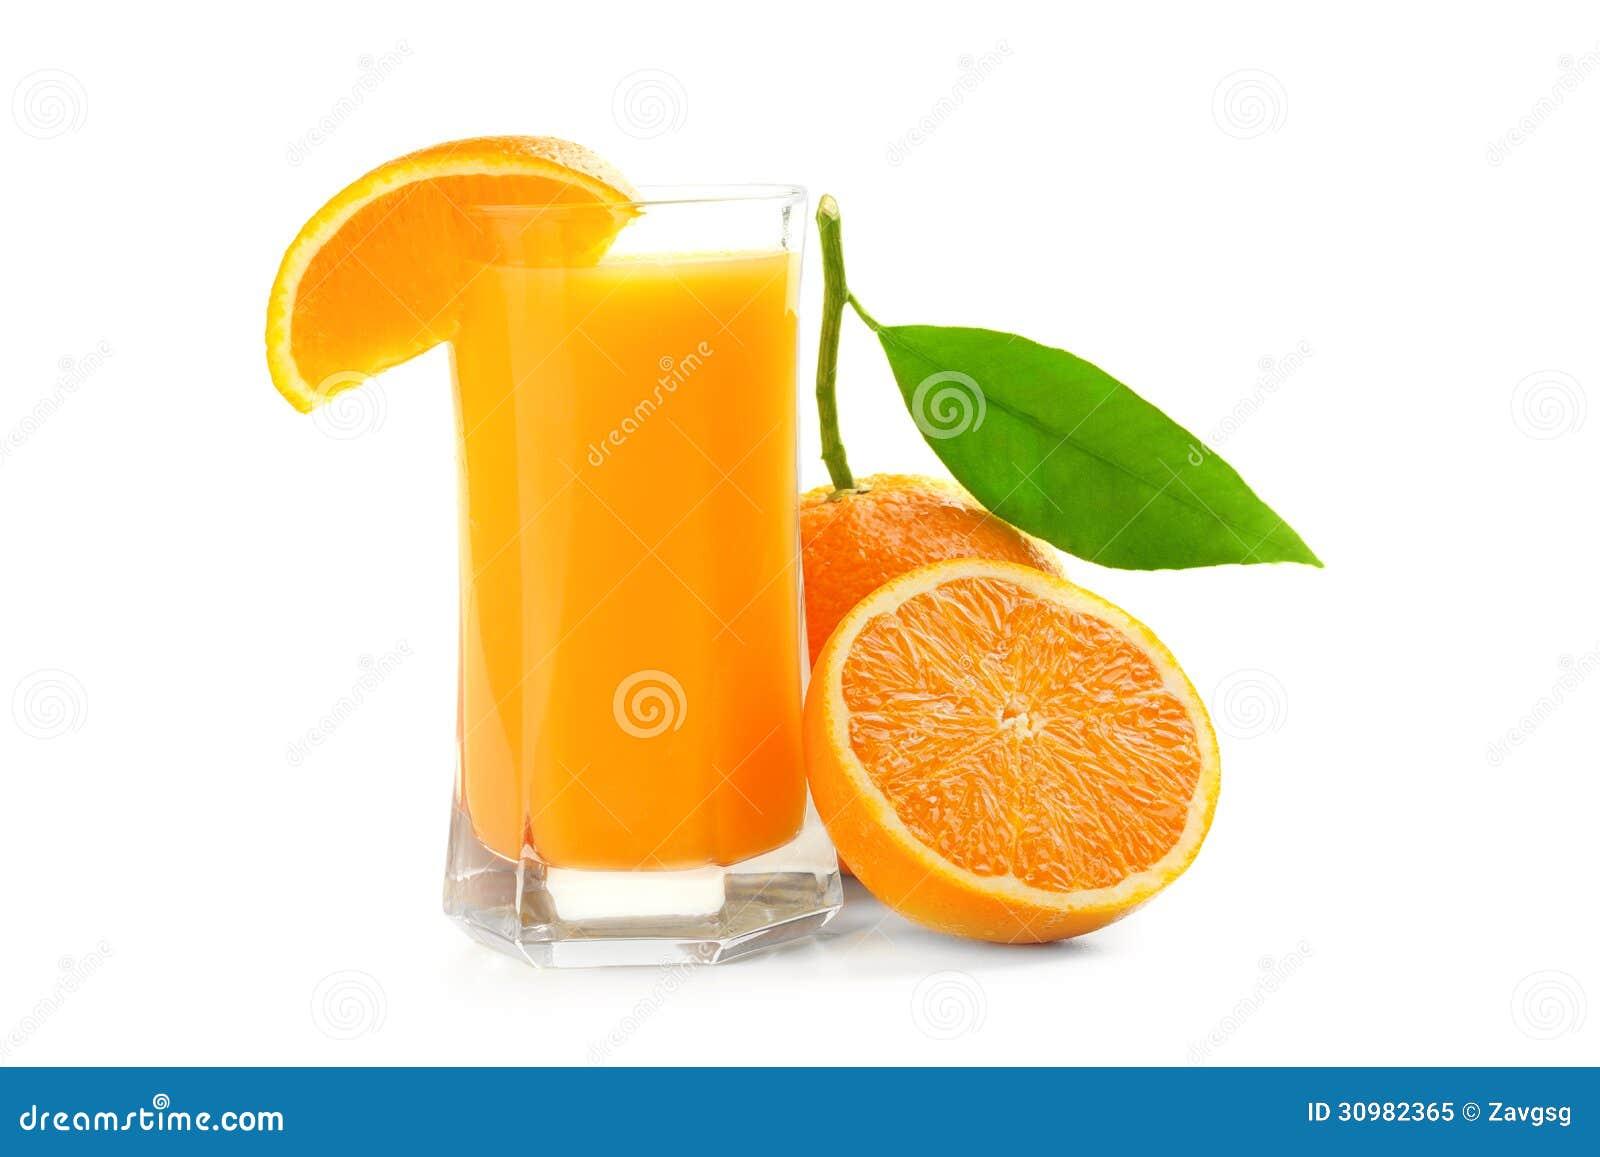 verre de jus et fruit orange photo libre de droits image 30982365. Black Bedroom Furniture Sets. Home Design Ideas